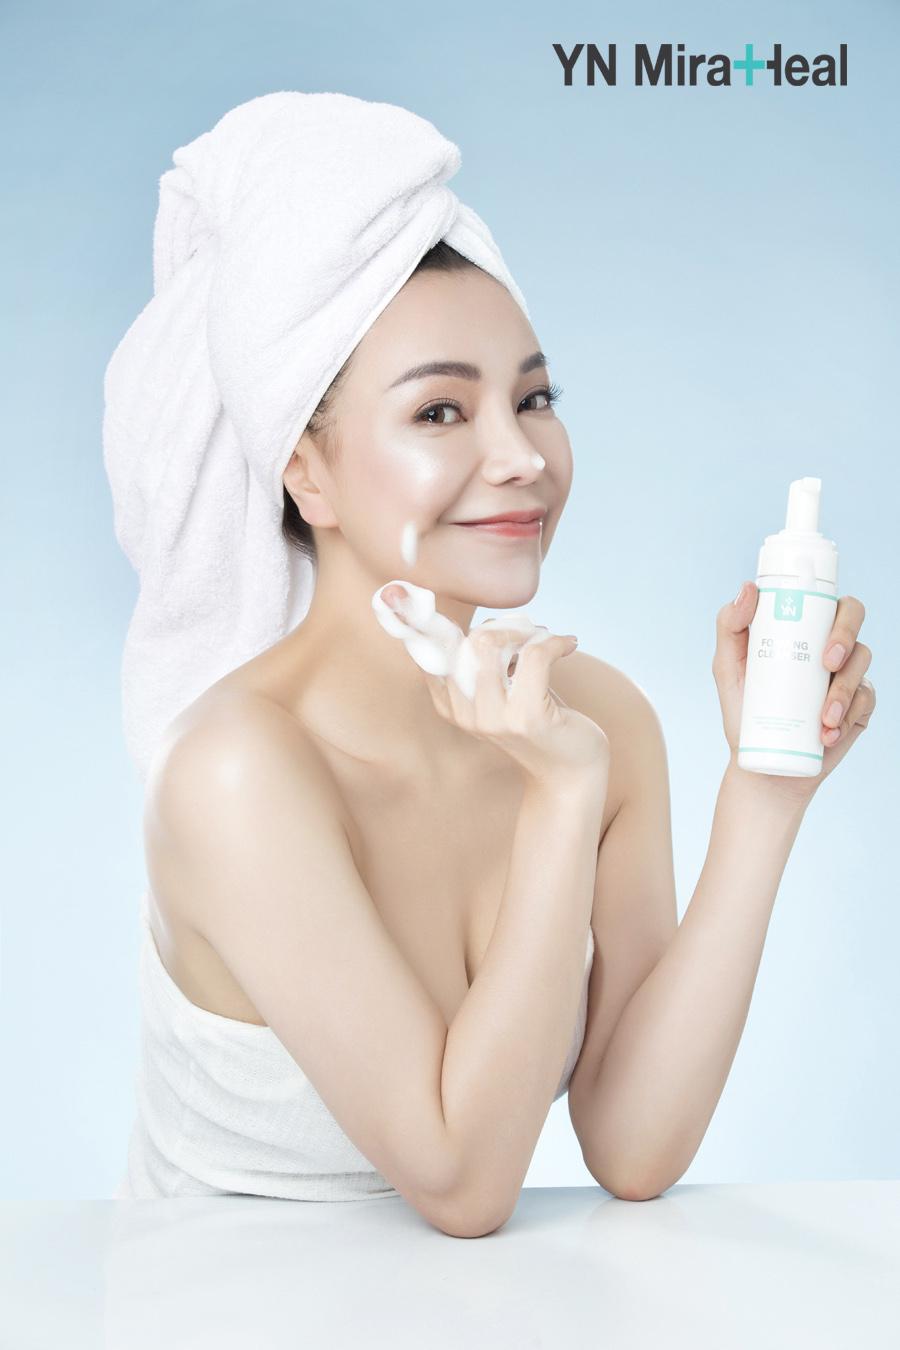 Chú ý đến những thông tin sản phẩm của nhà sản xuất để lựa chọn đúng loại sữa rửa mặt cho da nhạy cảm